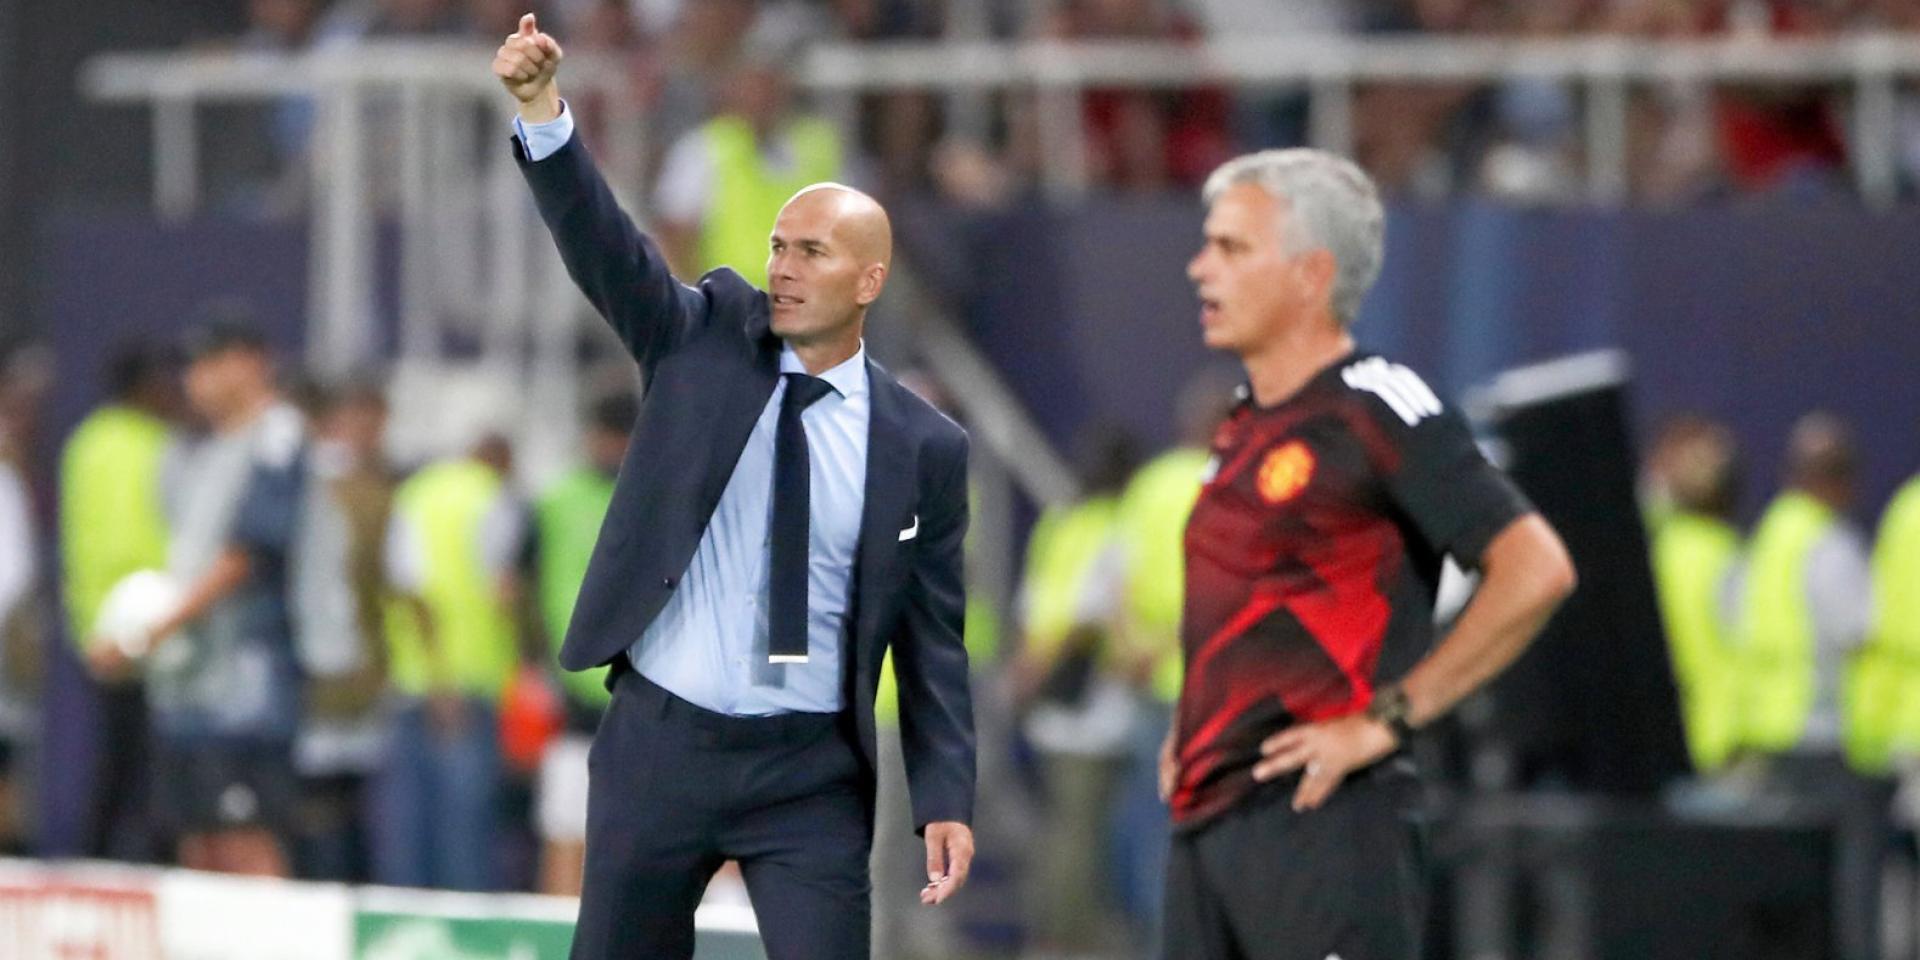 队报:齐达内希望 19-  20赛季去英超, 尤其属意曼联